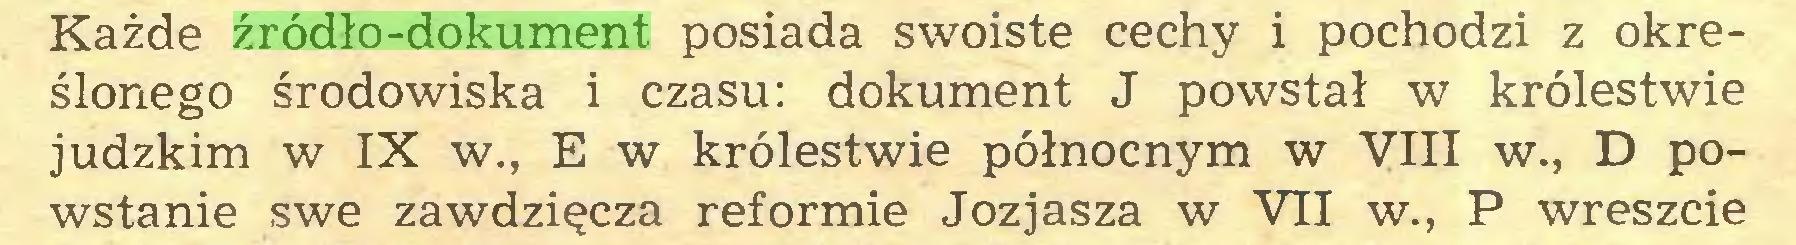 (...) Każde źródło-dokument posiada swoiste cechy i pochodzi z określonego środowiska i czasu: dokument J powstał w królestwie judzkim w IX w., E w królestwie północnym w VIII w., D powstanie swe zawdzięcza reformie Jozjasza w VII w., P wreszcie...